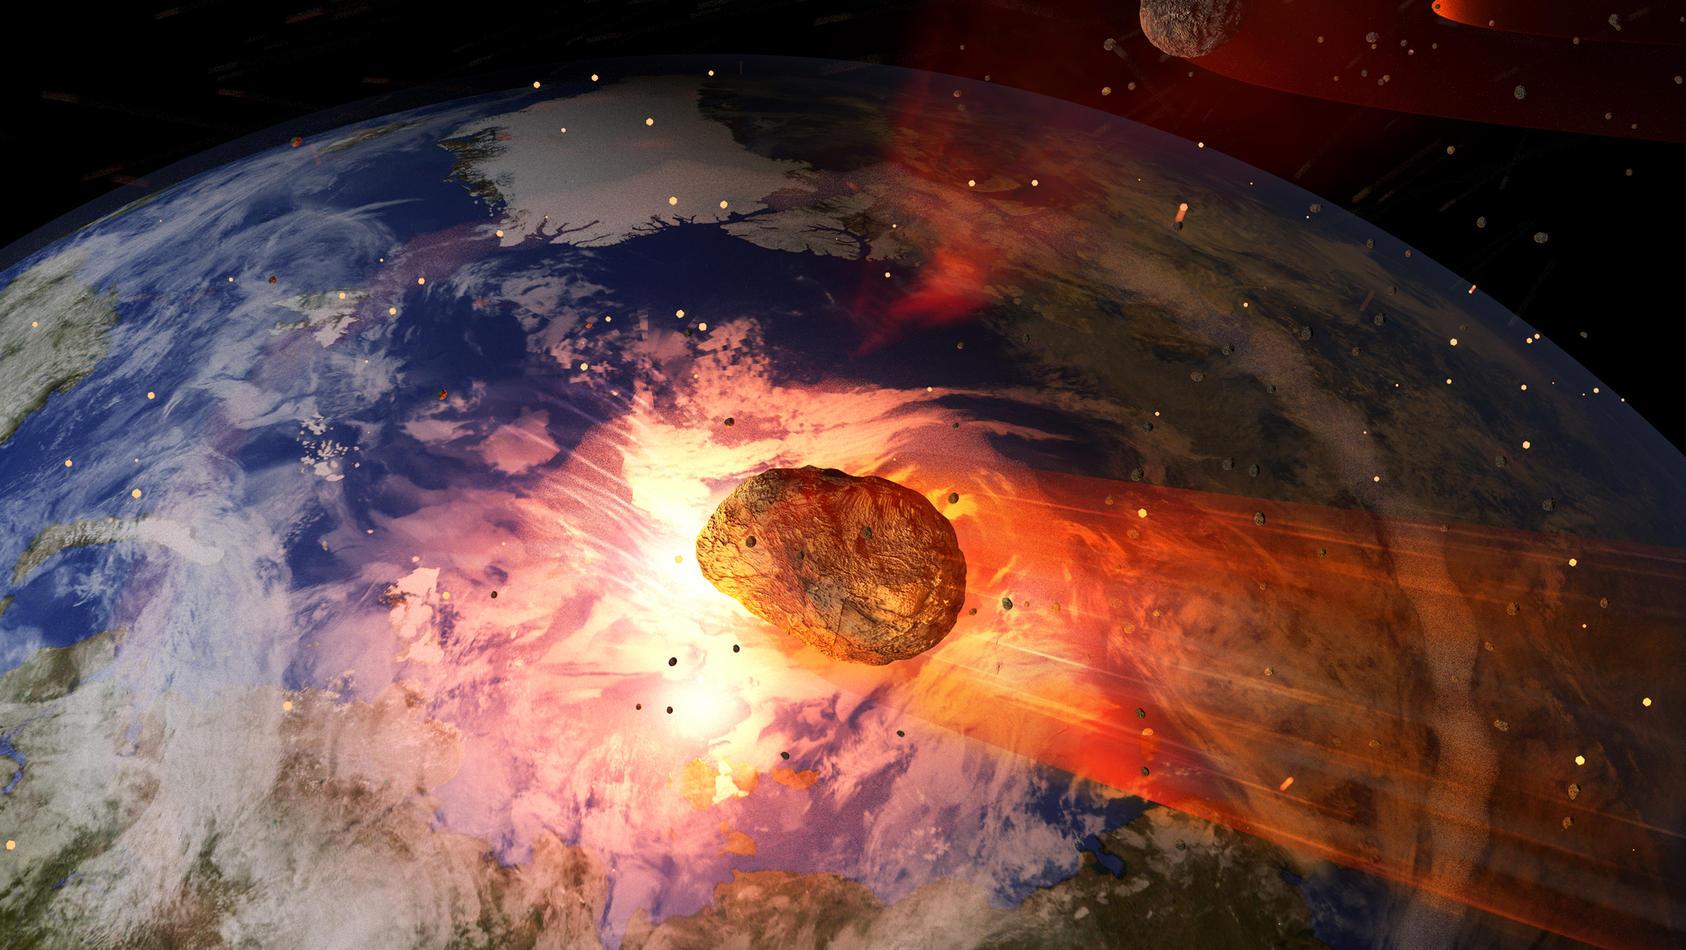 Die Nasa führt eine Liste mit Asteroiden, deren Wahrscheinlichkeit mit der Erde zu kollidieren, groß ist.